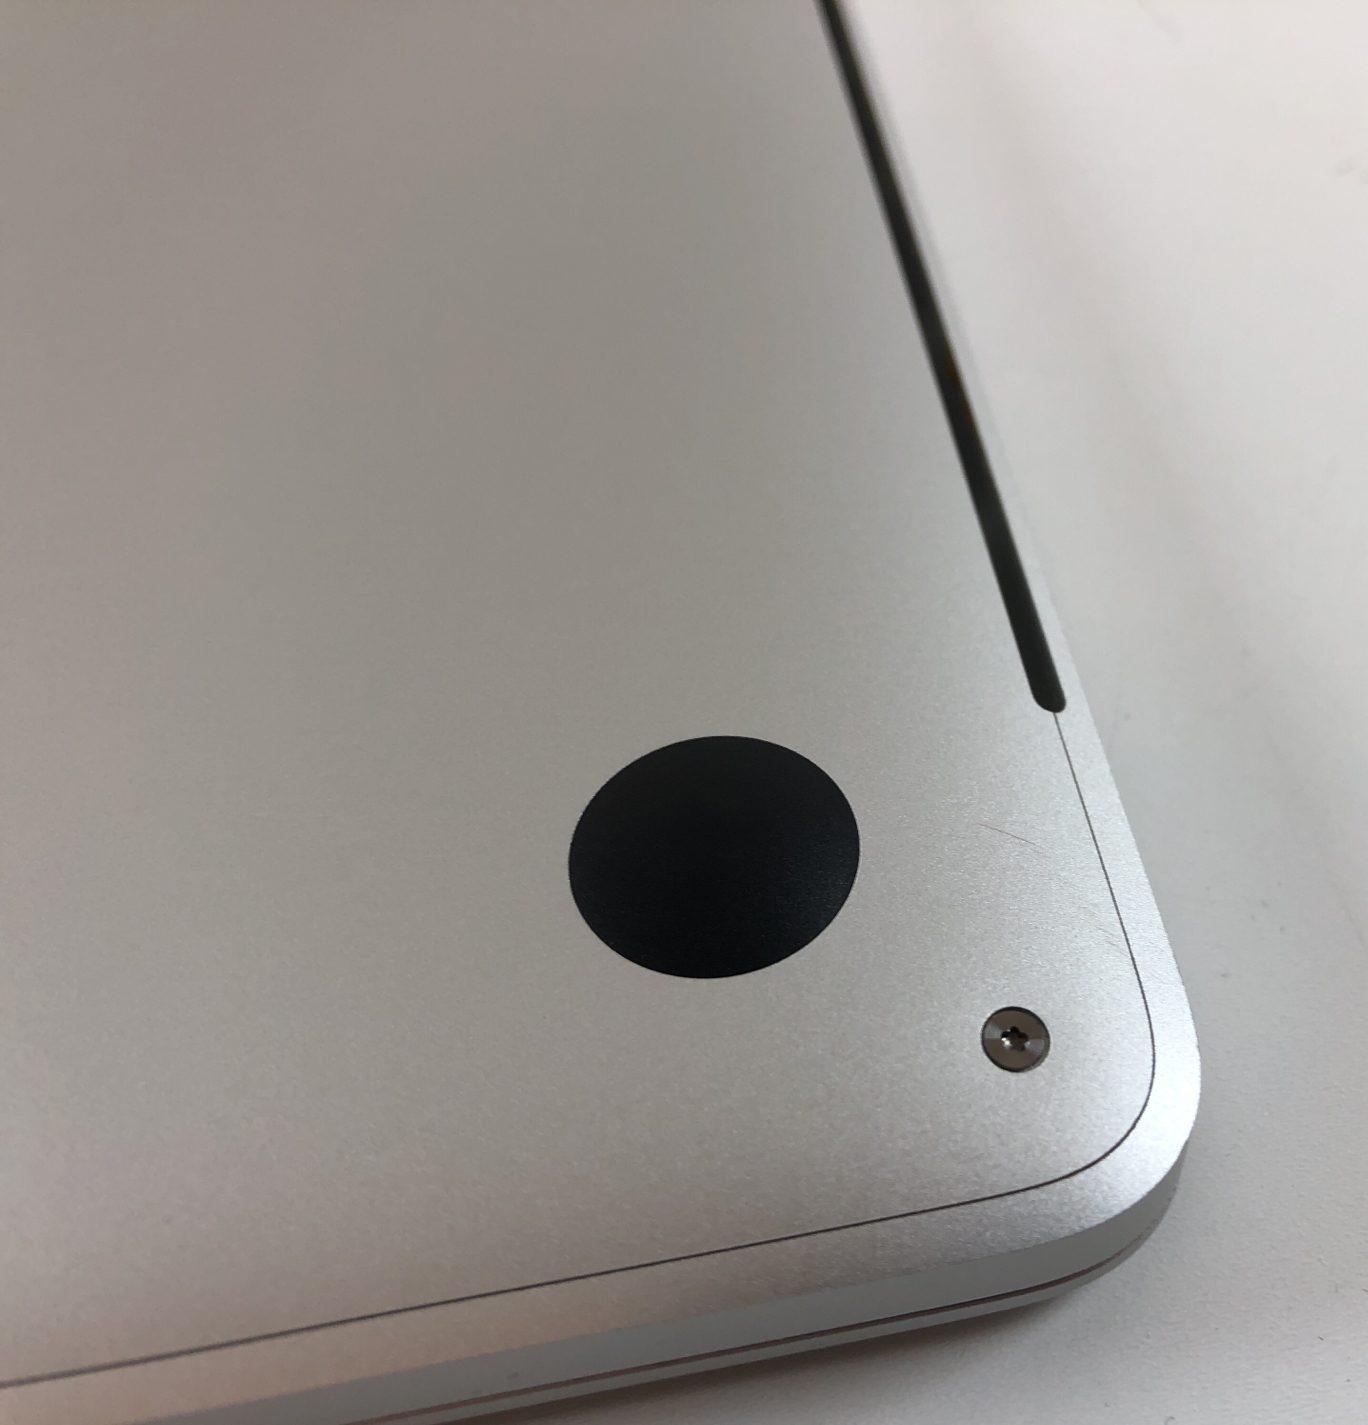 """MacBook Pro 13"""" 4TBT Mid 2018 (Intel Quad-Core i5 2.3 GHz 8 GB RAM 512 GB SSD), Silver, Intel Quad-Core i5 2.3 GHz, 8 GB RAM, 512 GB SSD, imagen 4"""